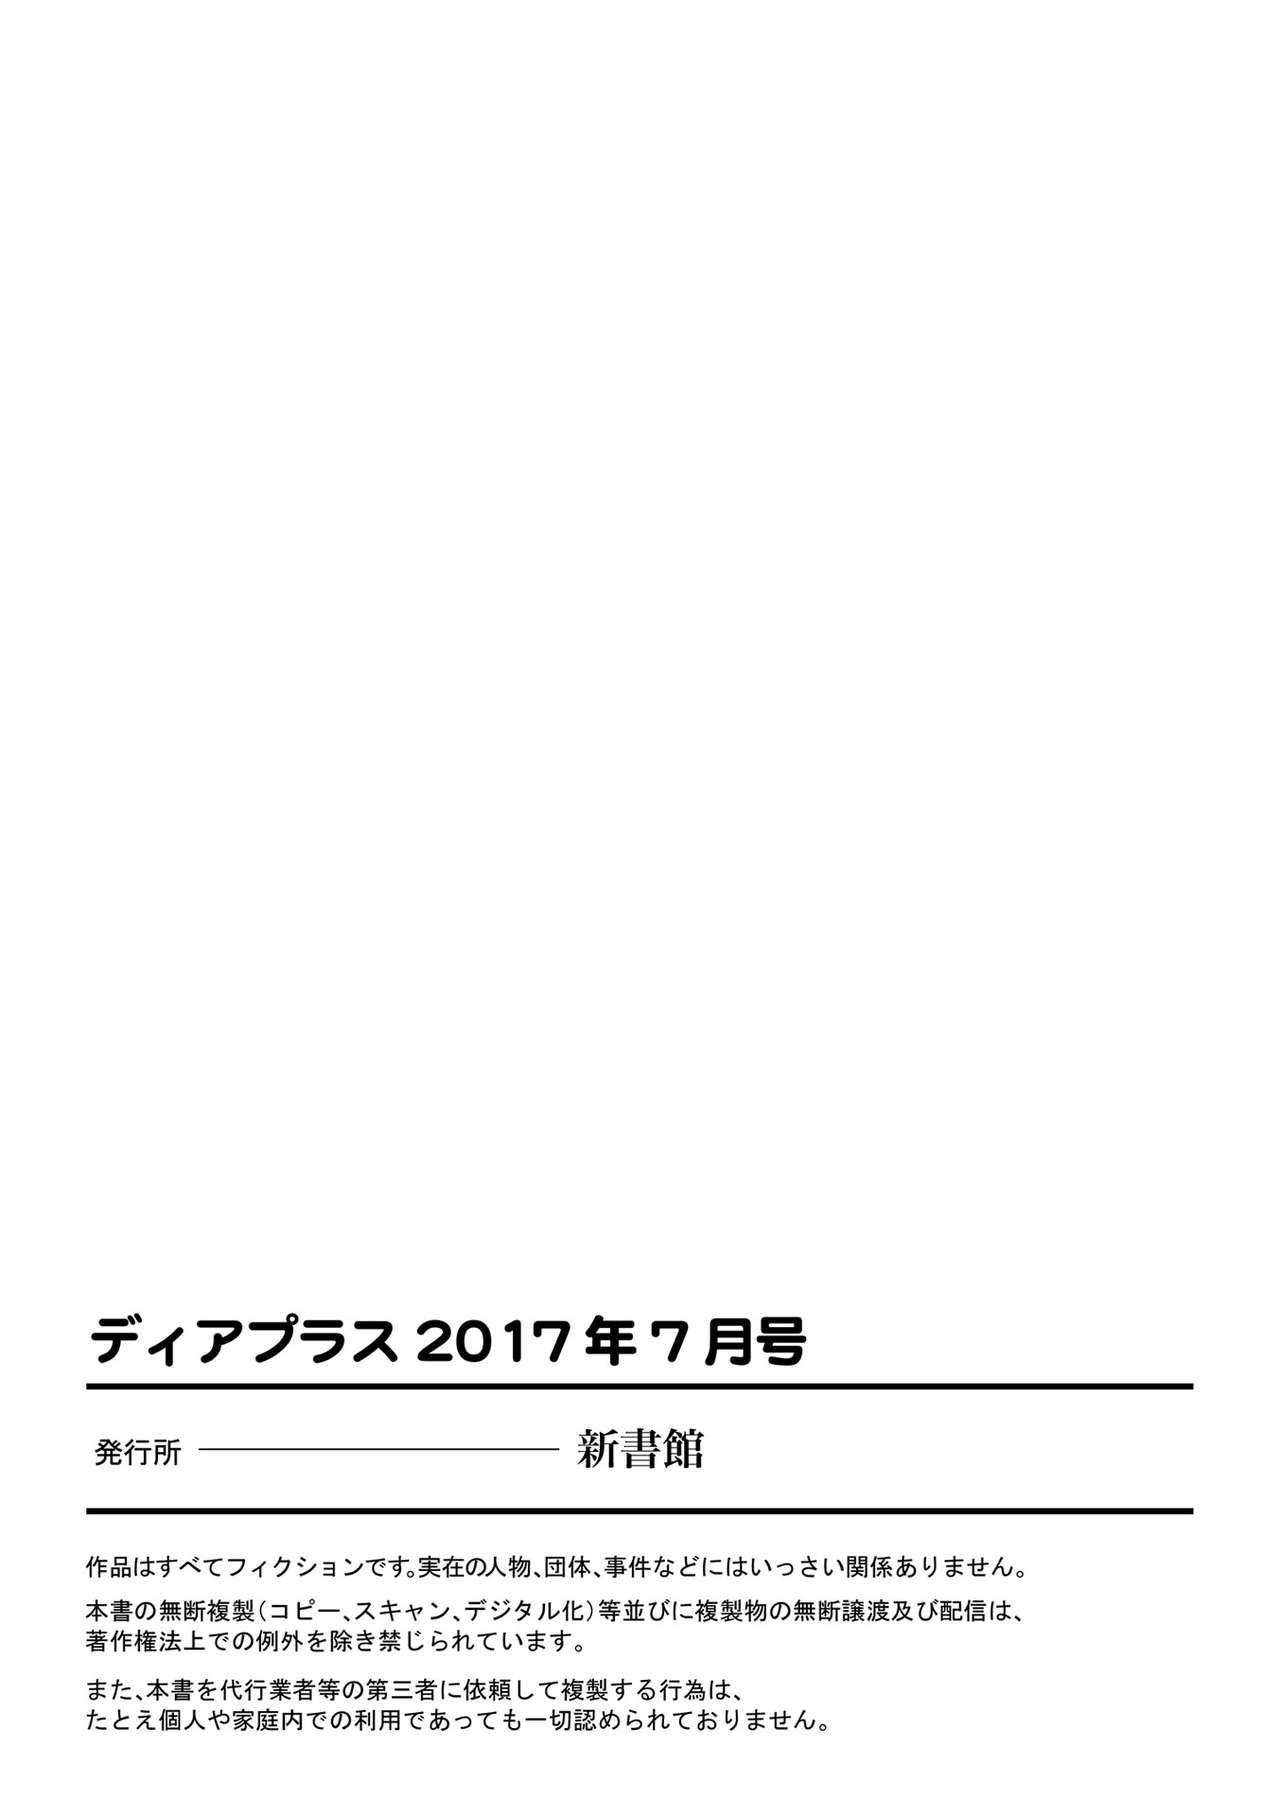 Dear+ 2017-07 507